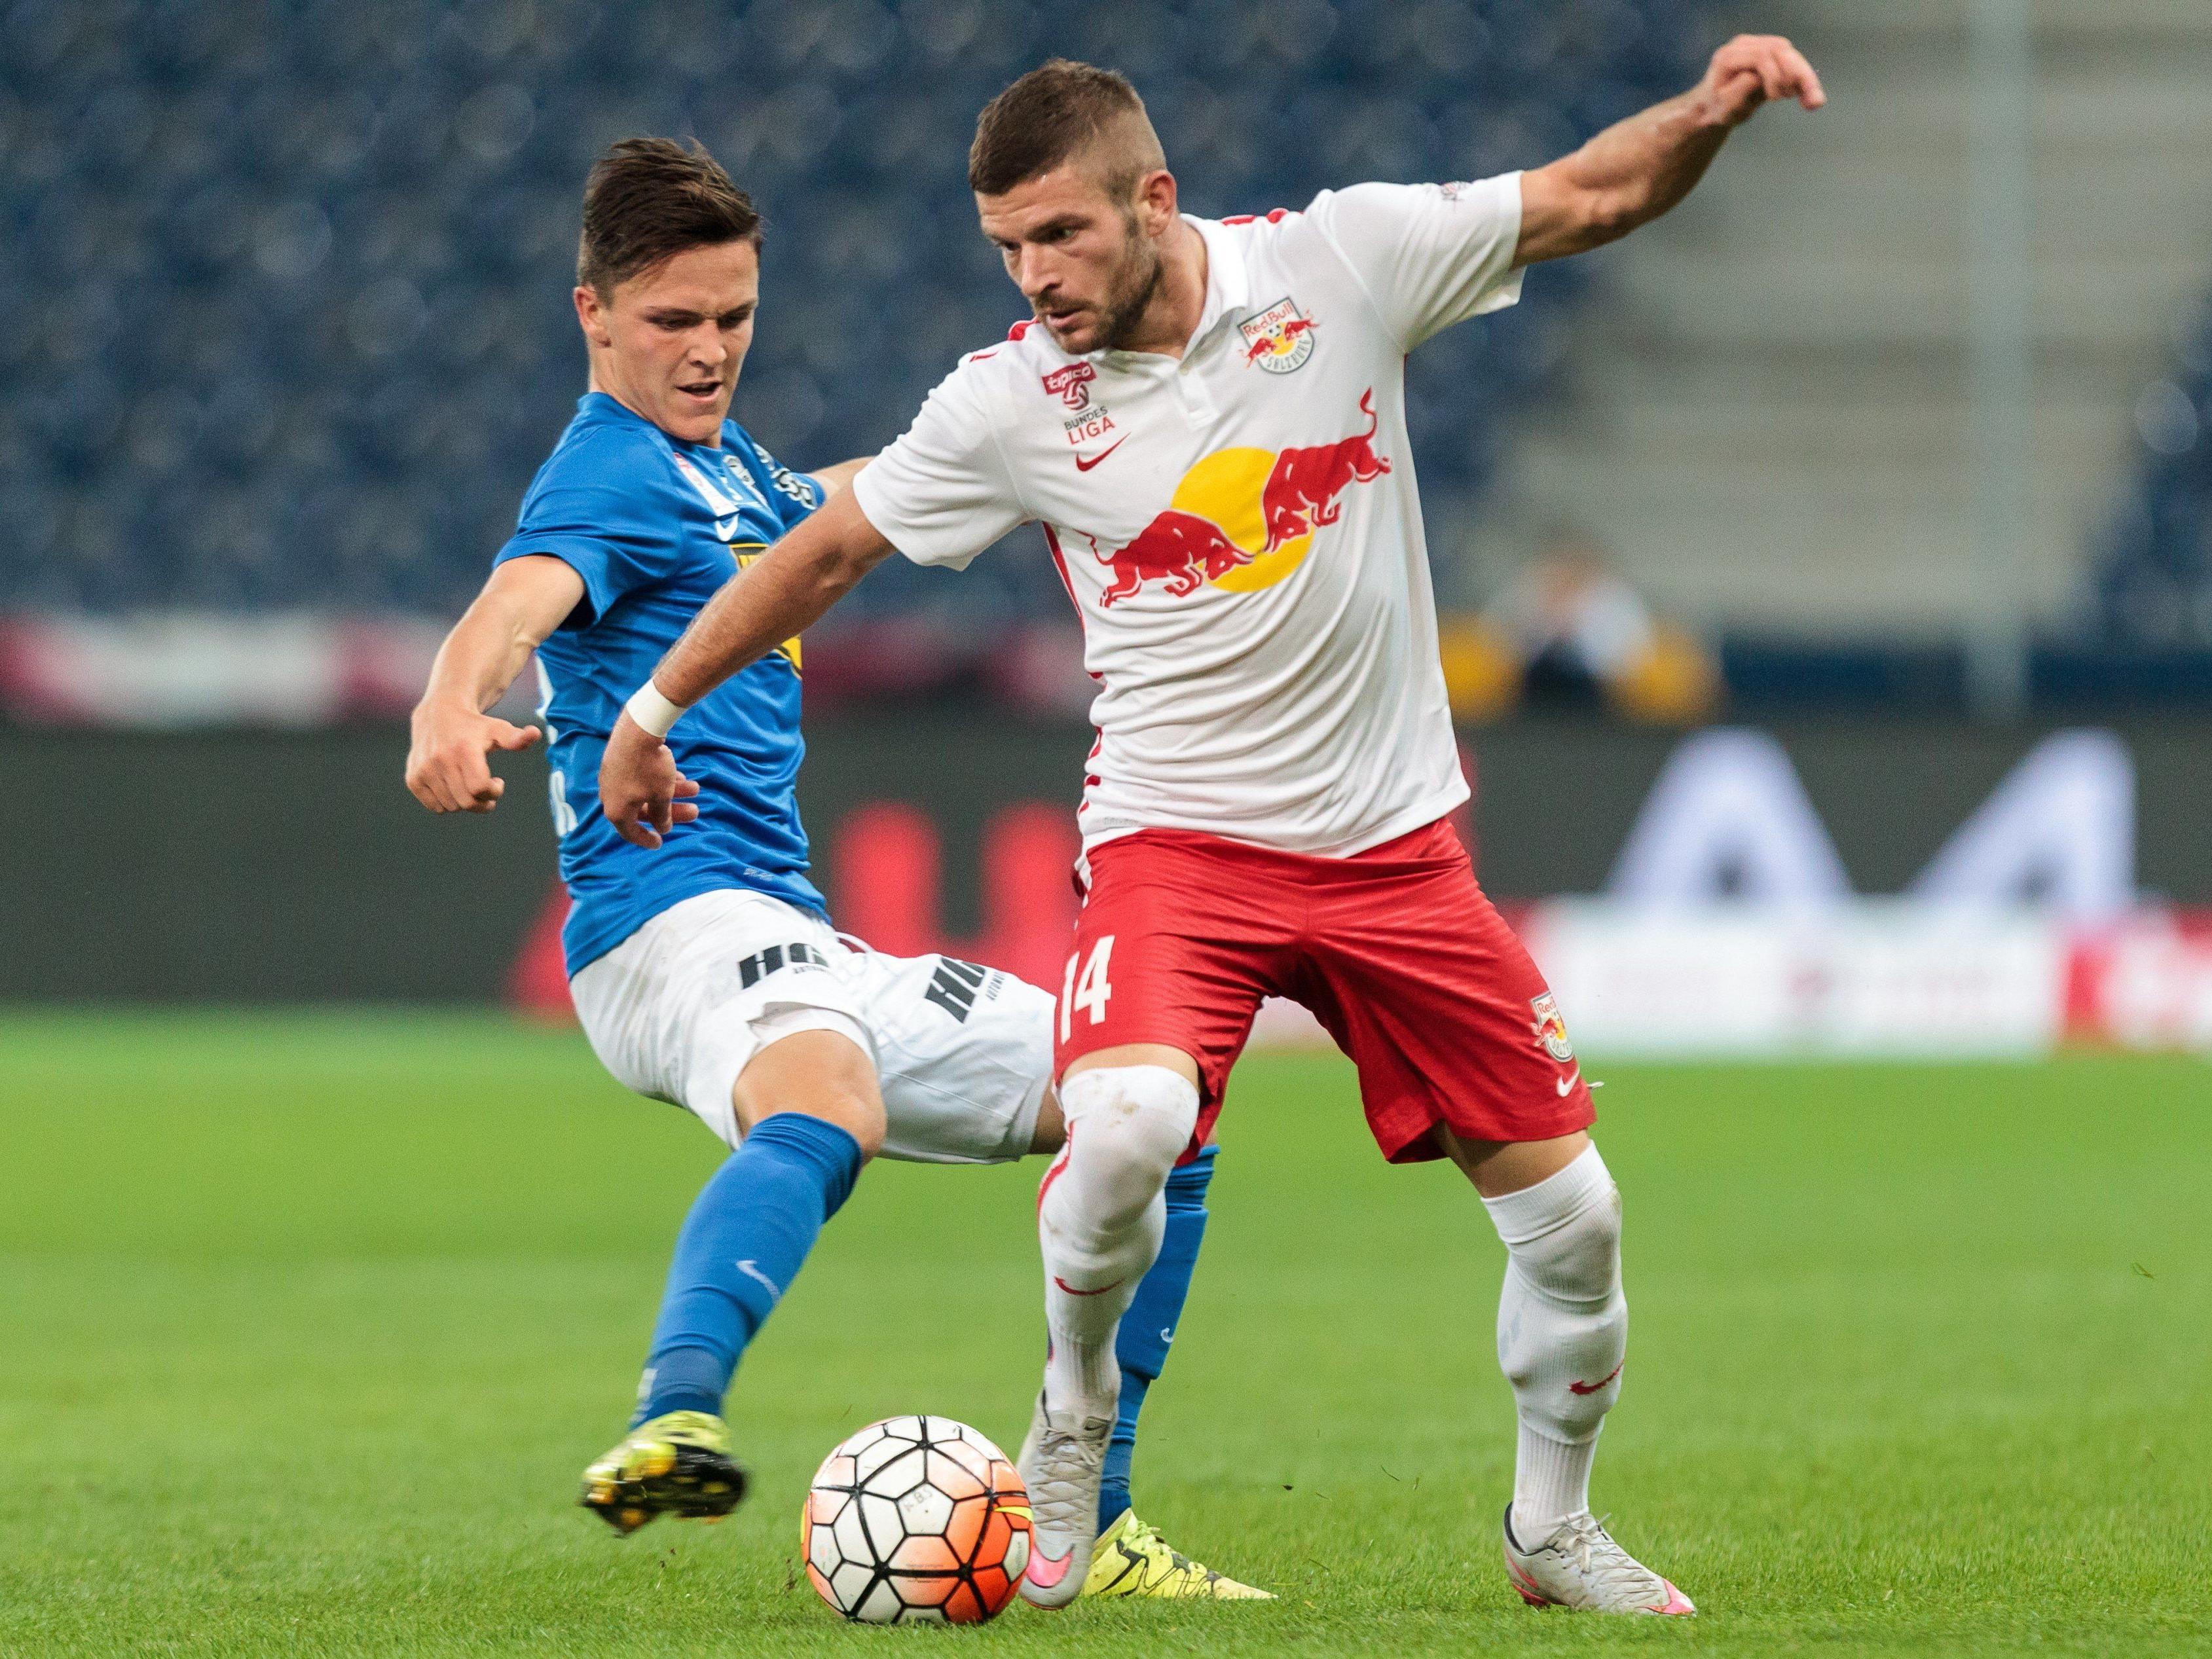 LIVE-Ticker zum Spiel SV Grödig gegen Red Bull Salzburg ab 18.30 Uhr.